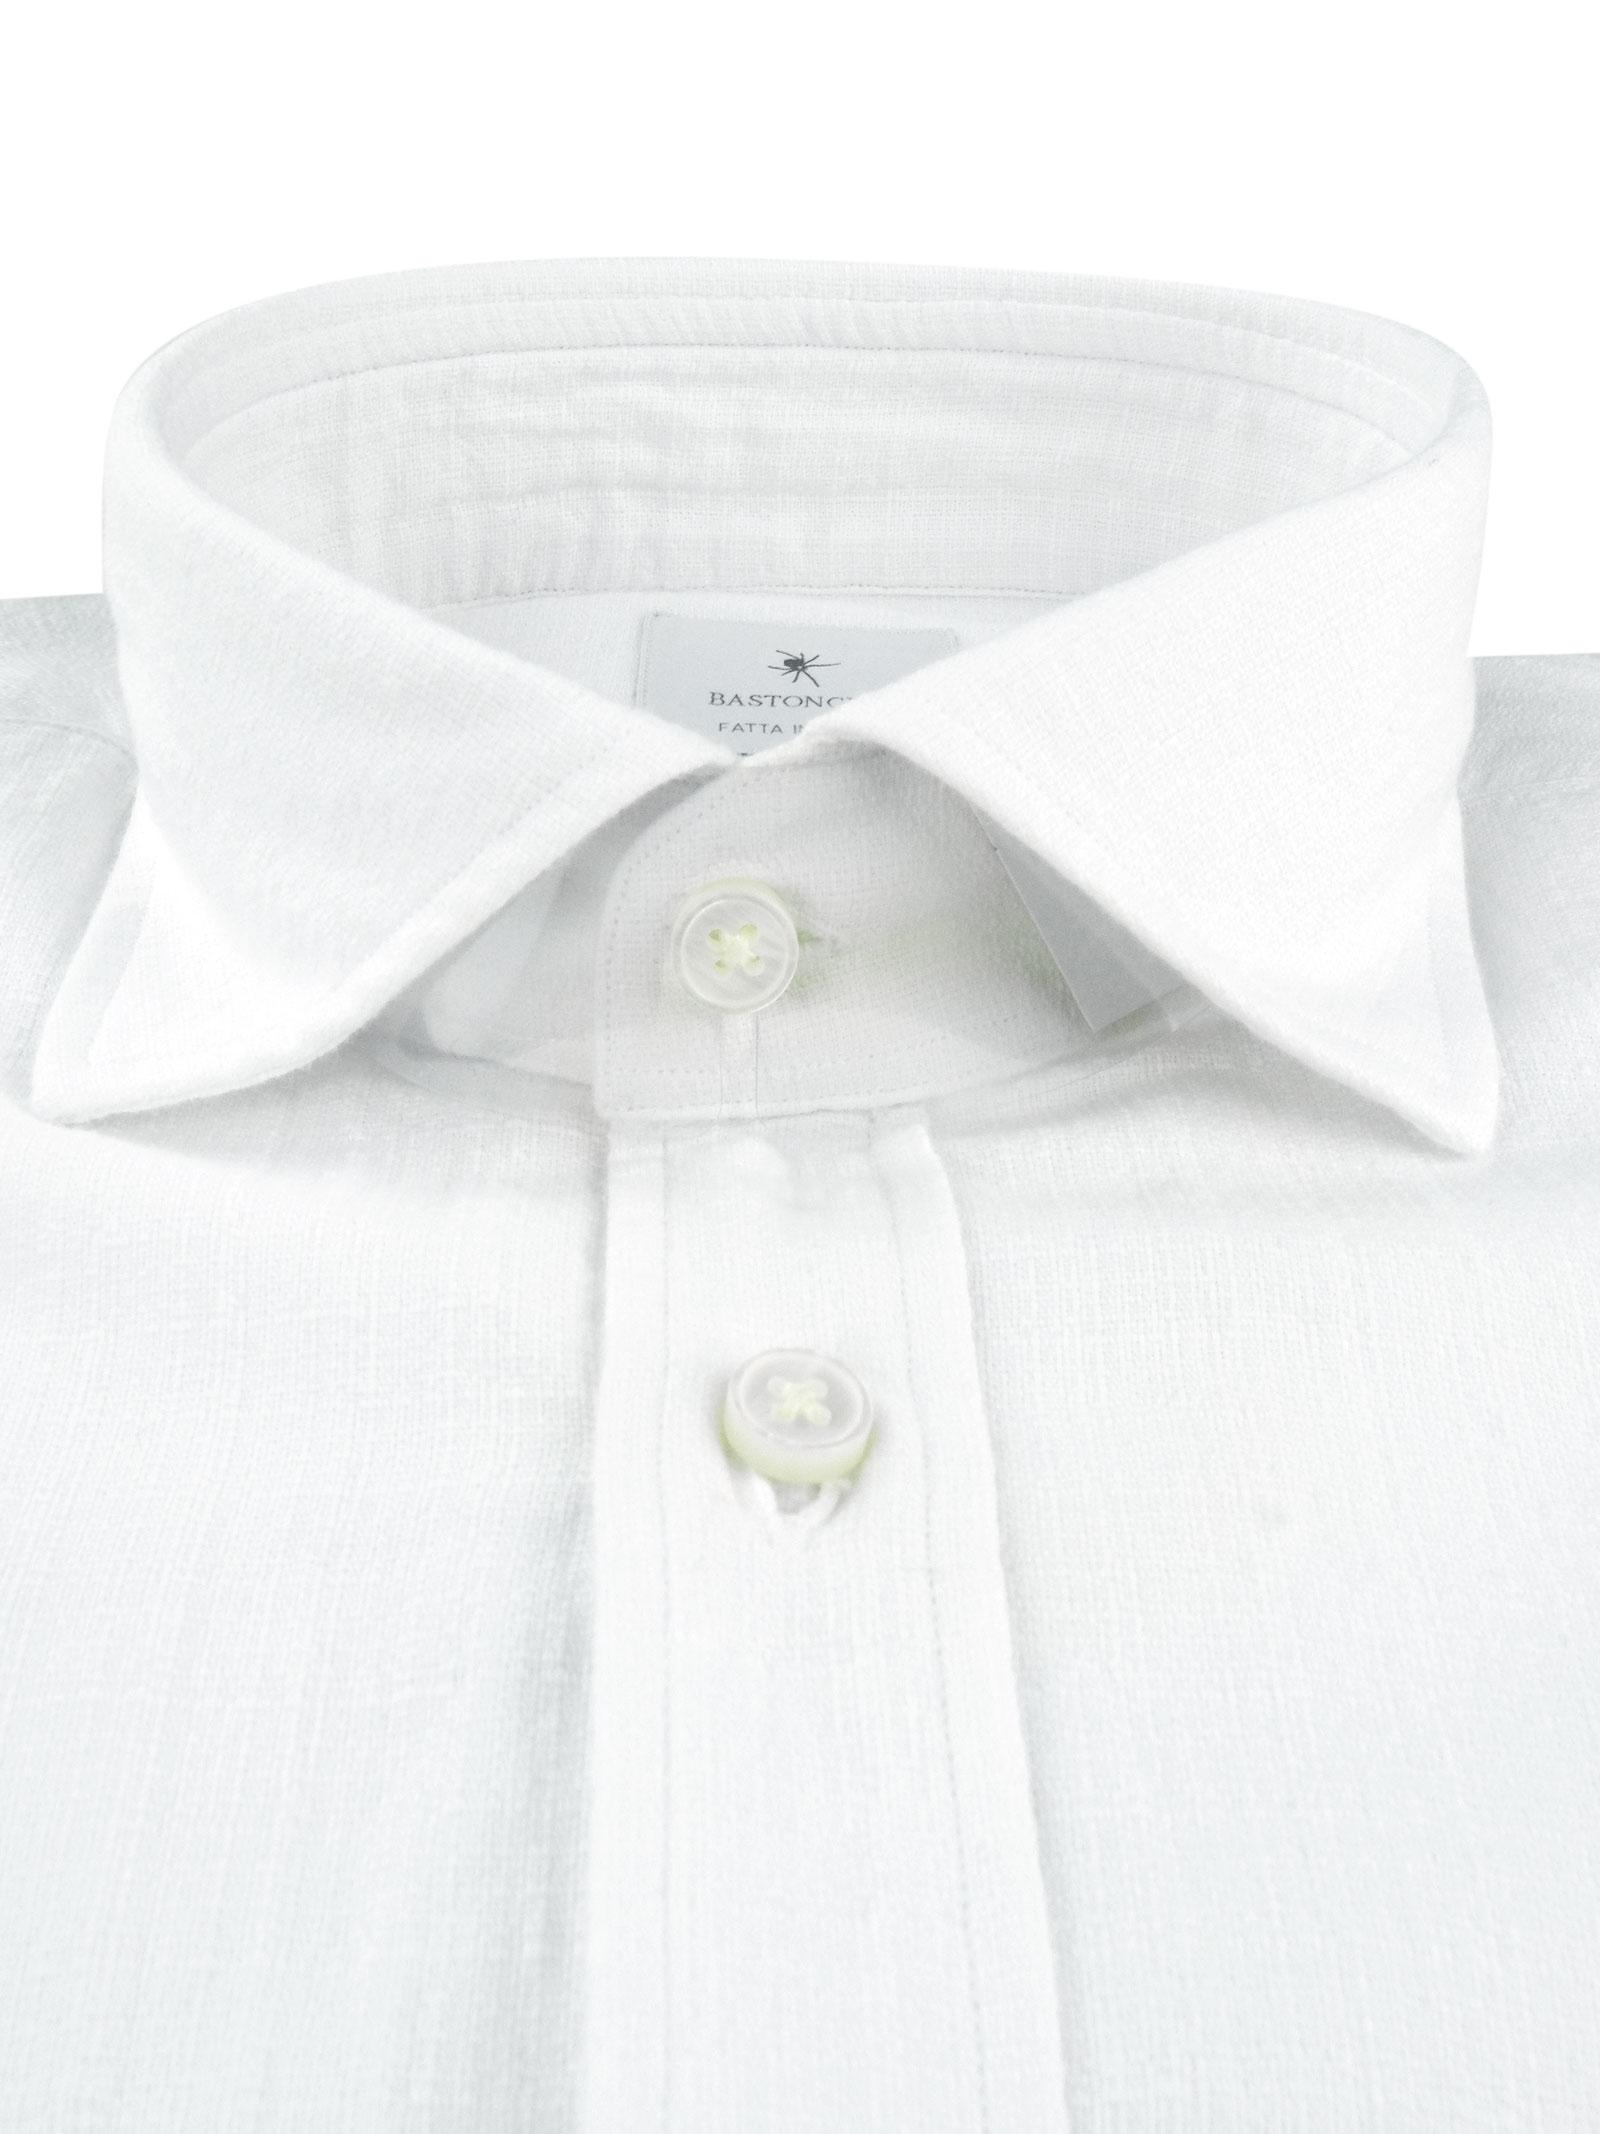 Camicia tinto in capo delavè, in twill di cotone vestibilità semi slim , BASTONCINO   Camicie   SIMOB1379 01